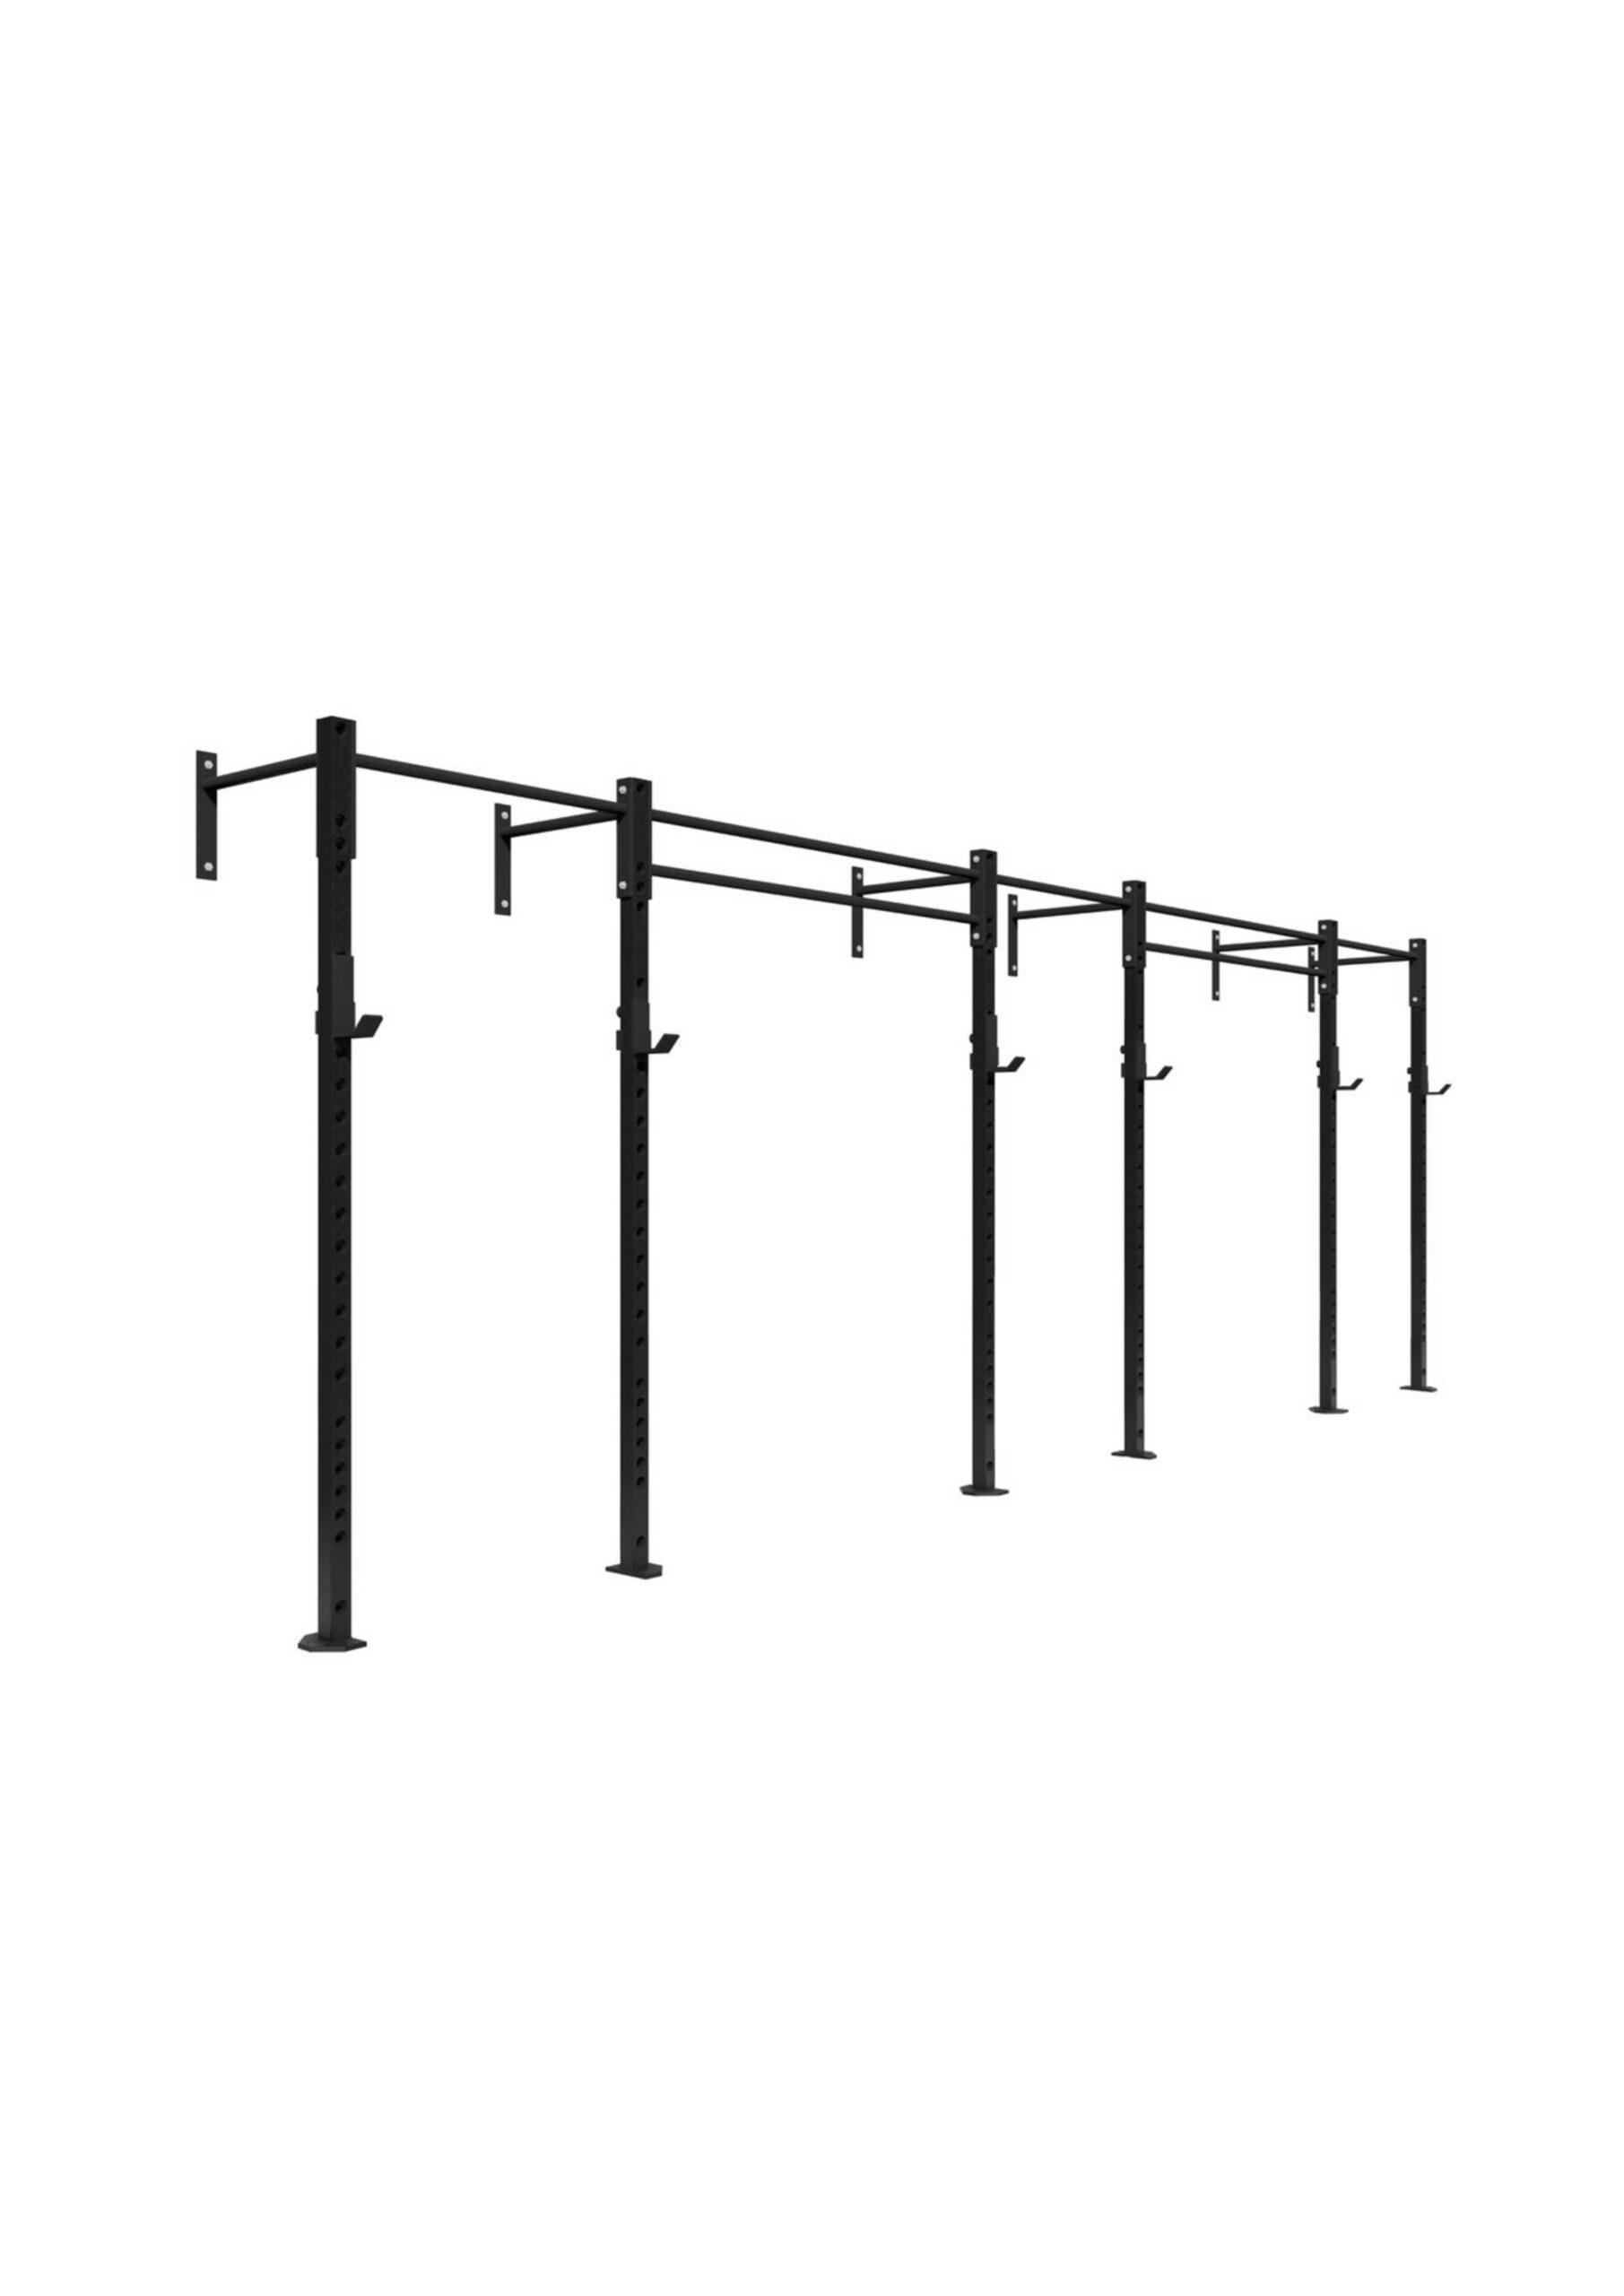 3 bay wall mounted rig